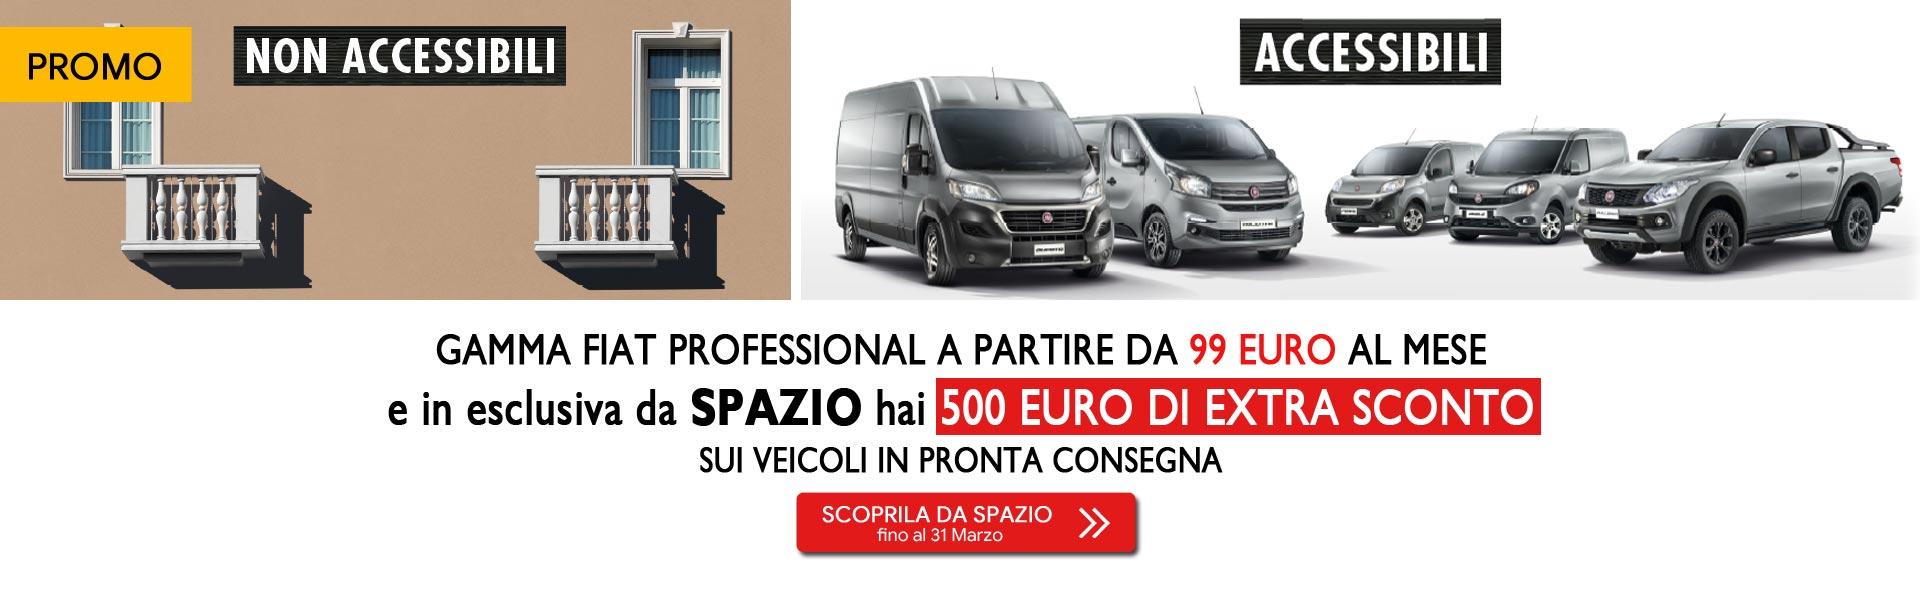 Gamma Fiat Professional